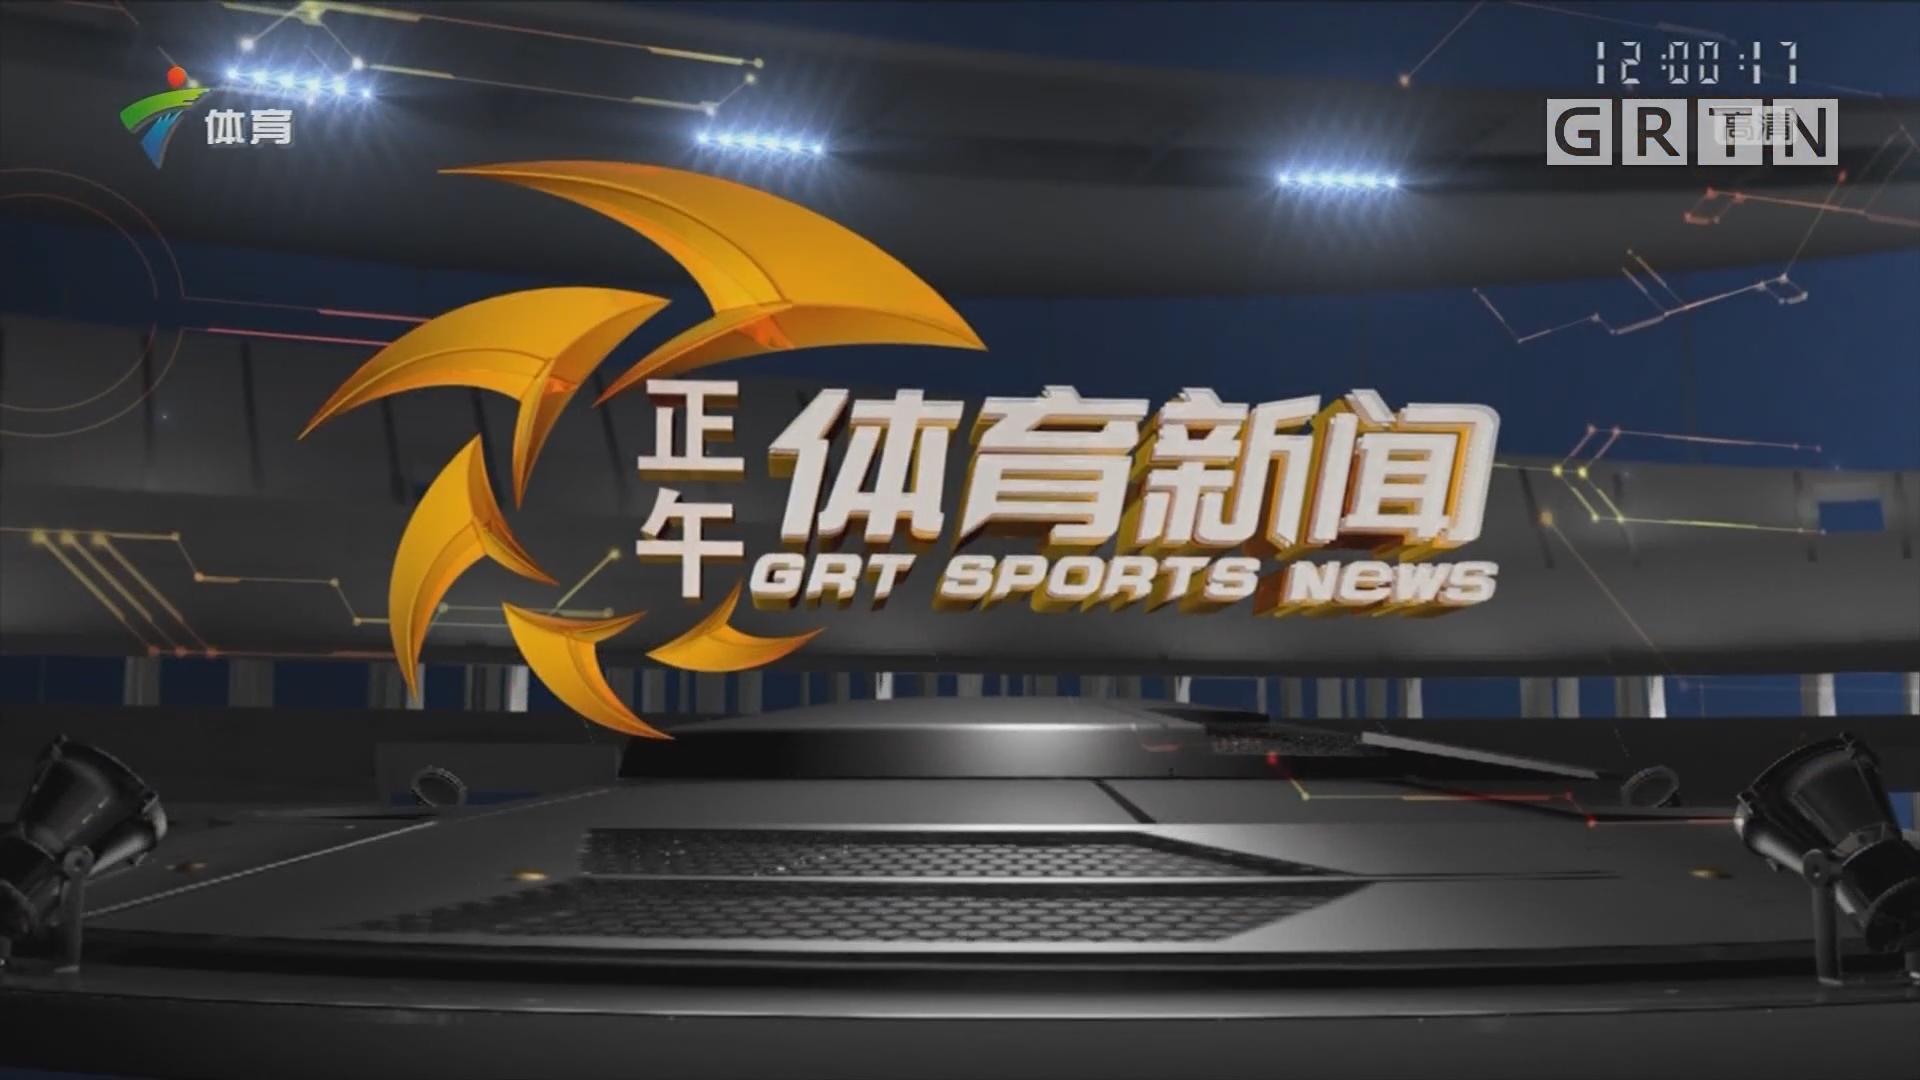 [HD][2019-06-21]正午体育新闻:静待对手的感觉很不同